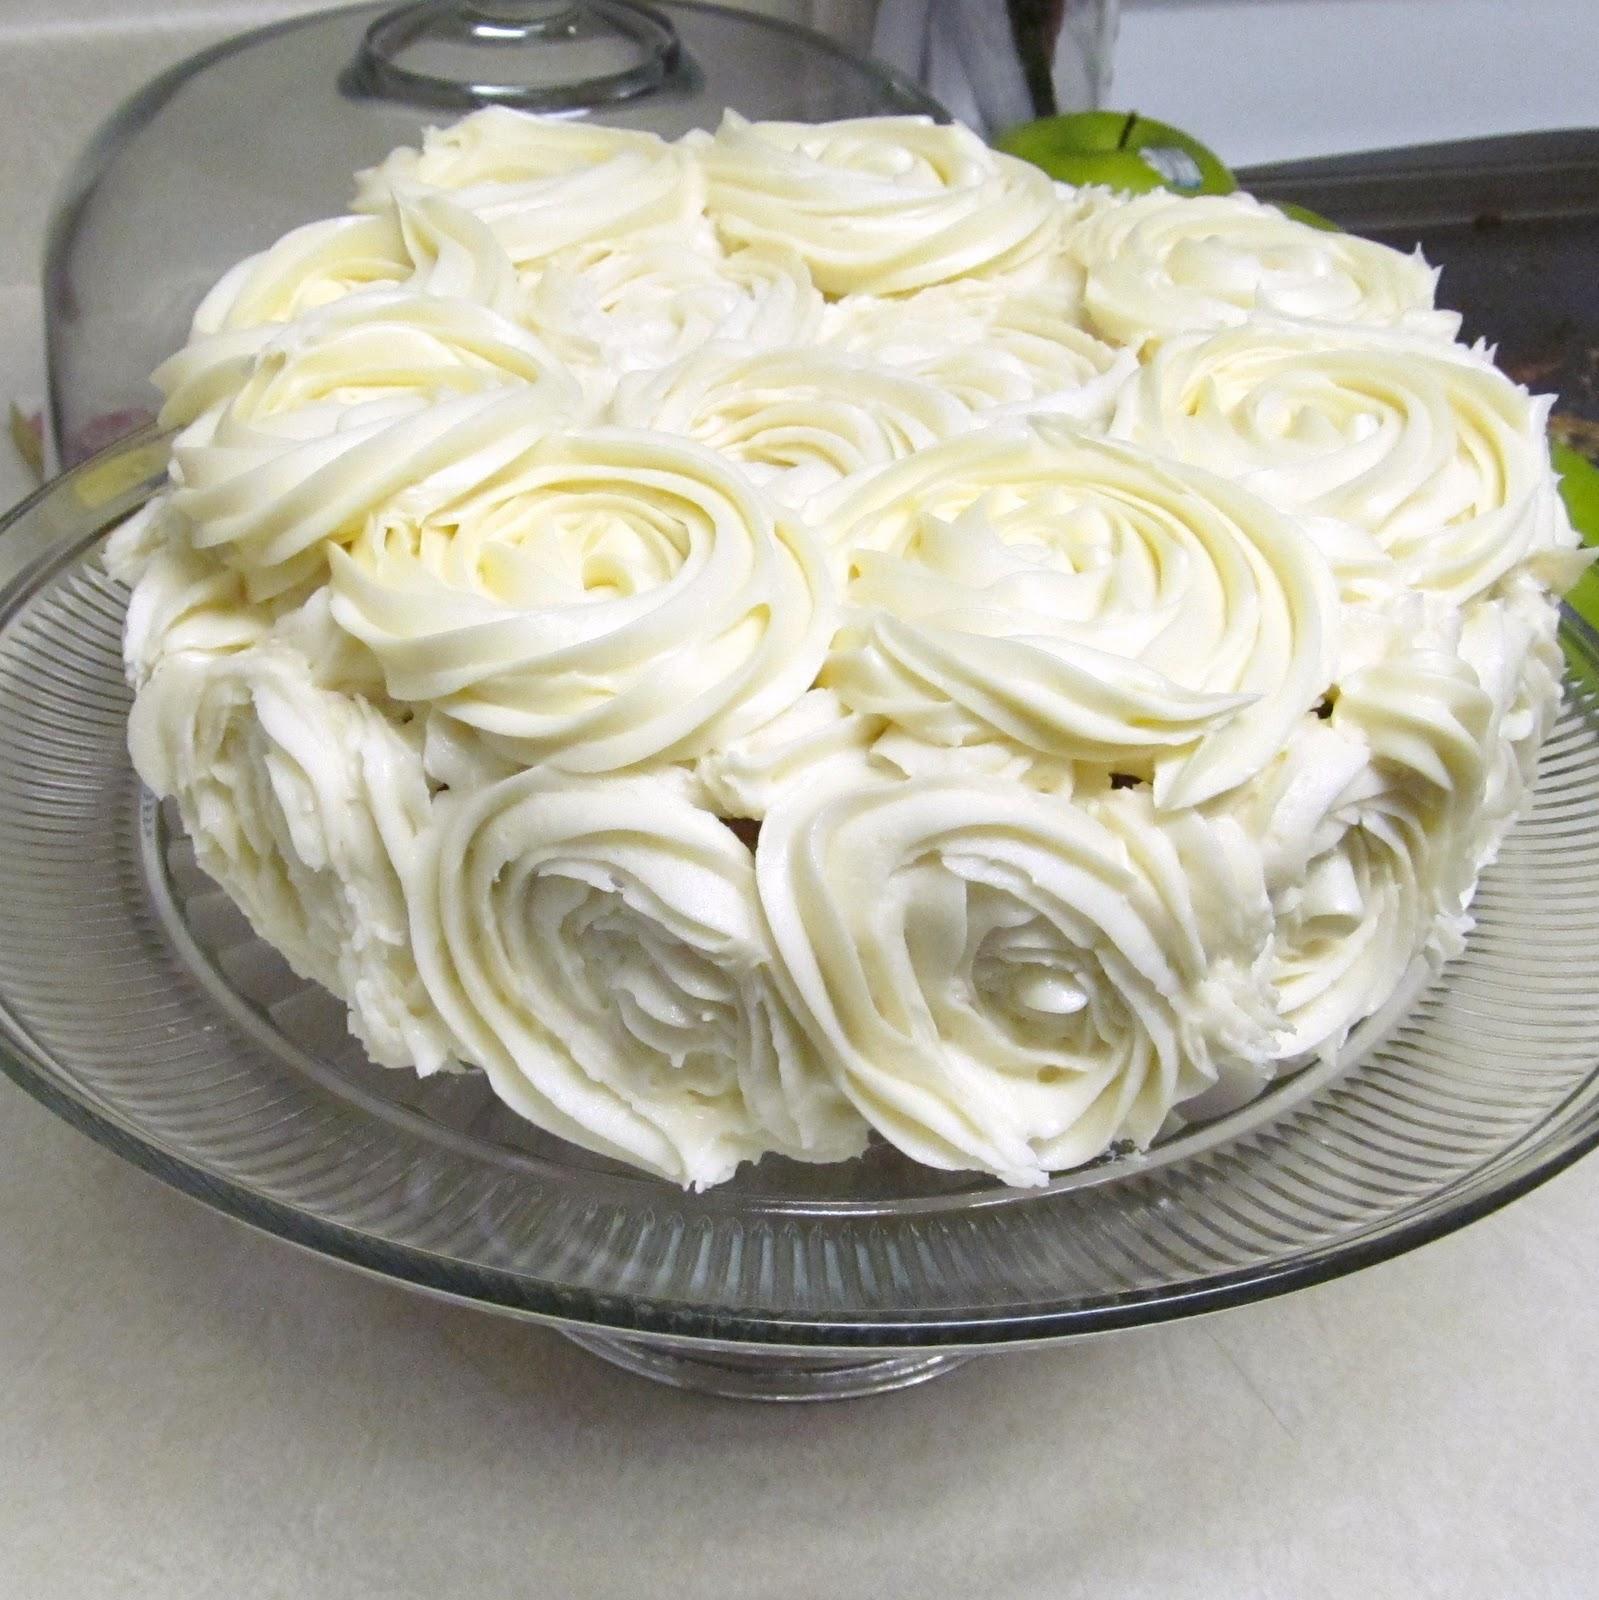 Lovely On The Inside White Rose Cake